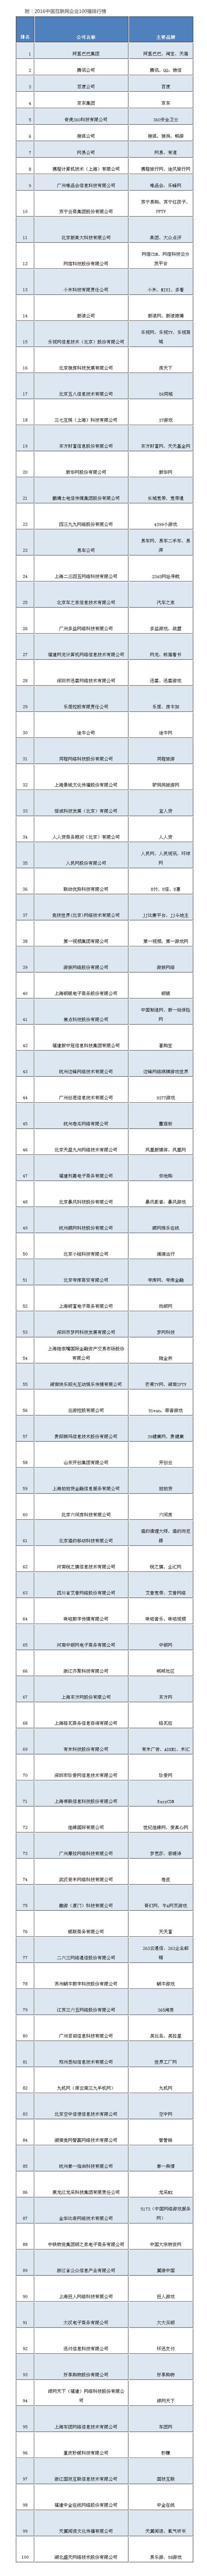 2016中国互联网企业百强榜发布